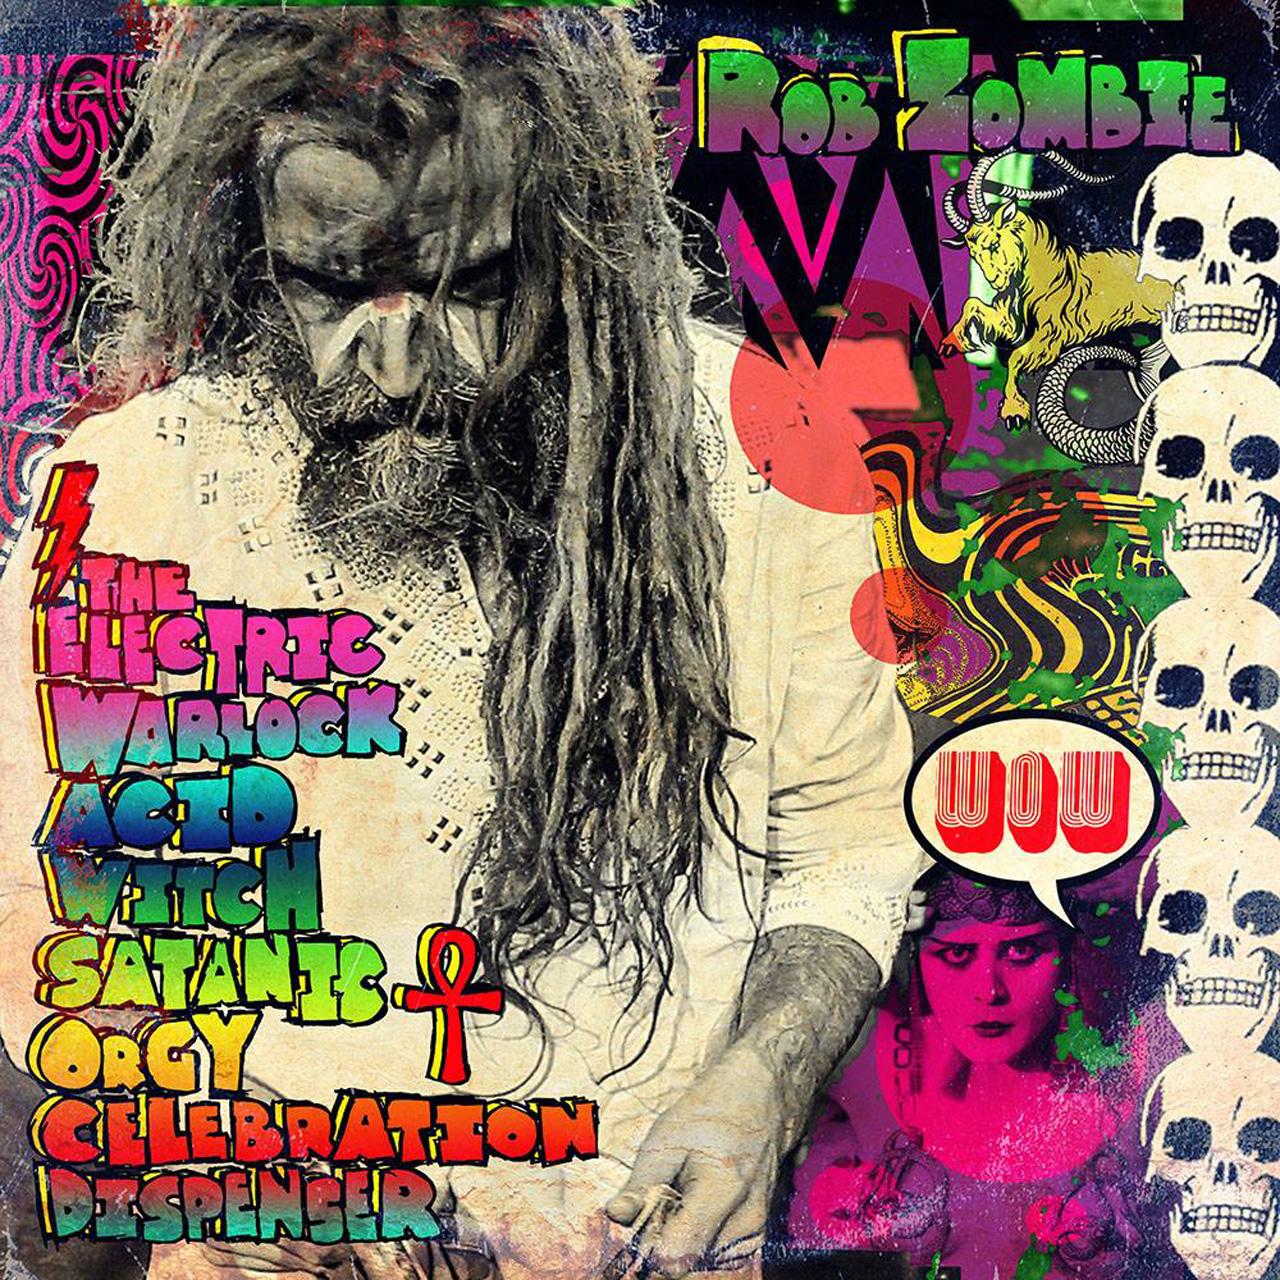 Rob Zombie – Electric Warlock